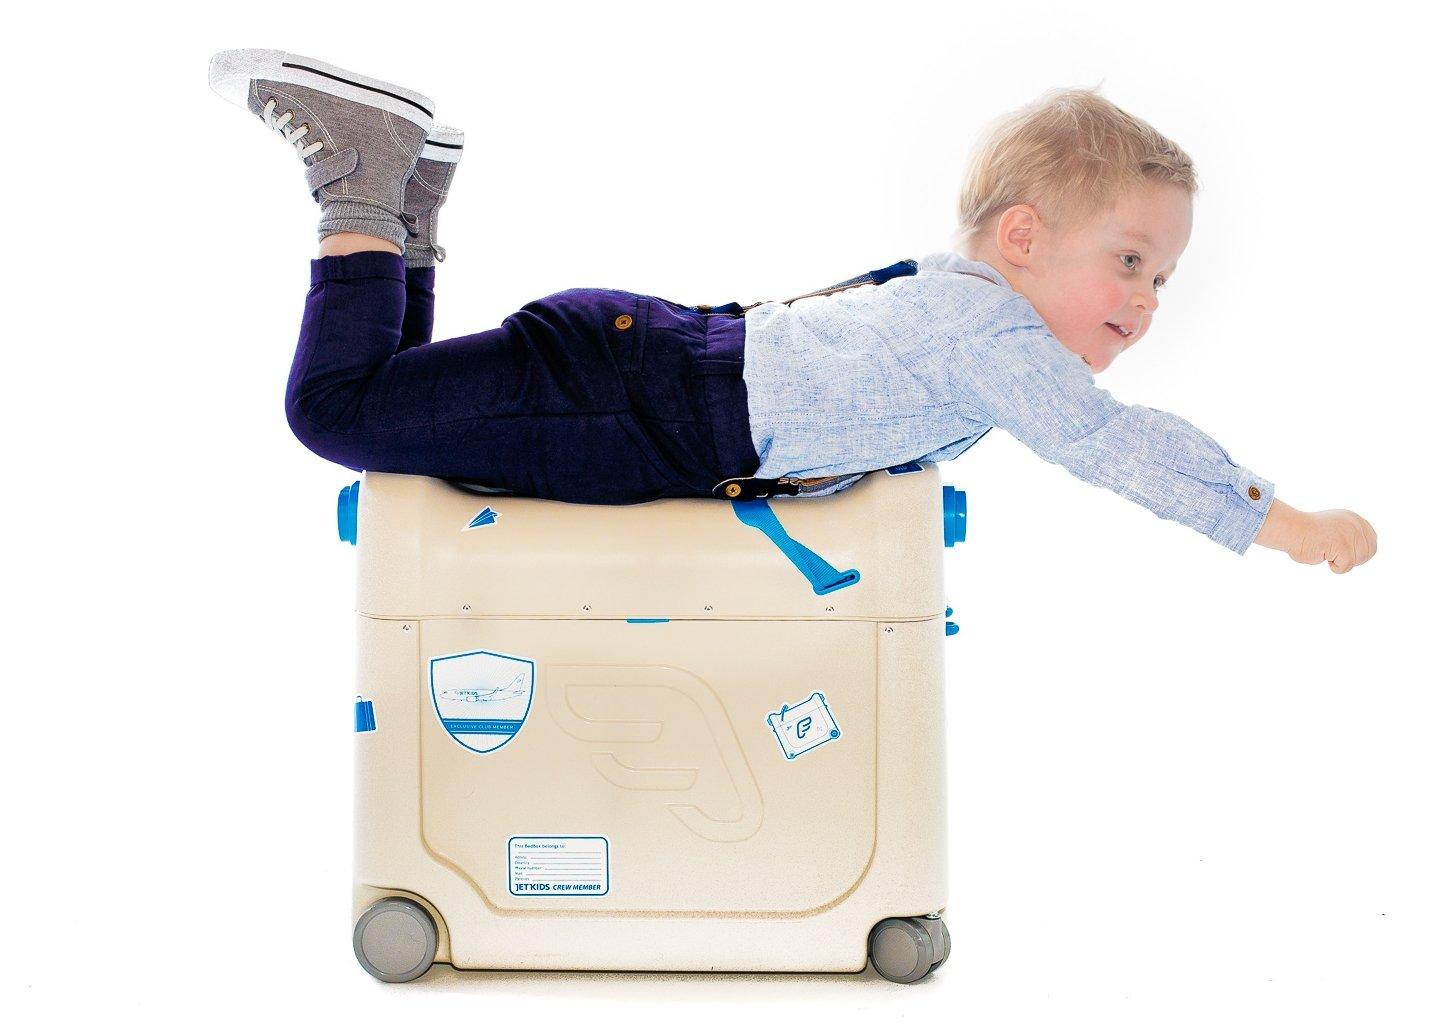 Met deze kids travel gadget wordt elke vliegreis leuk